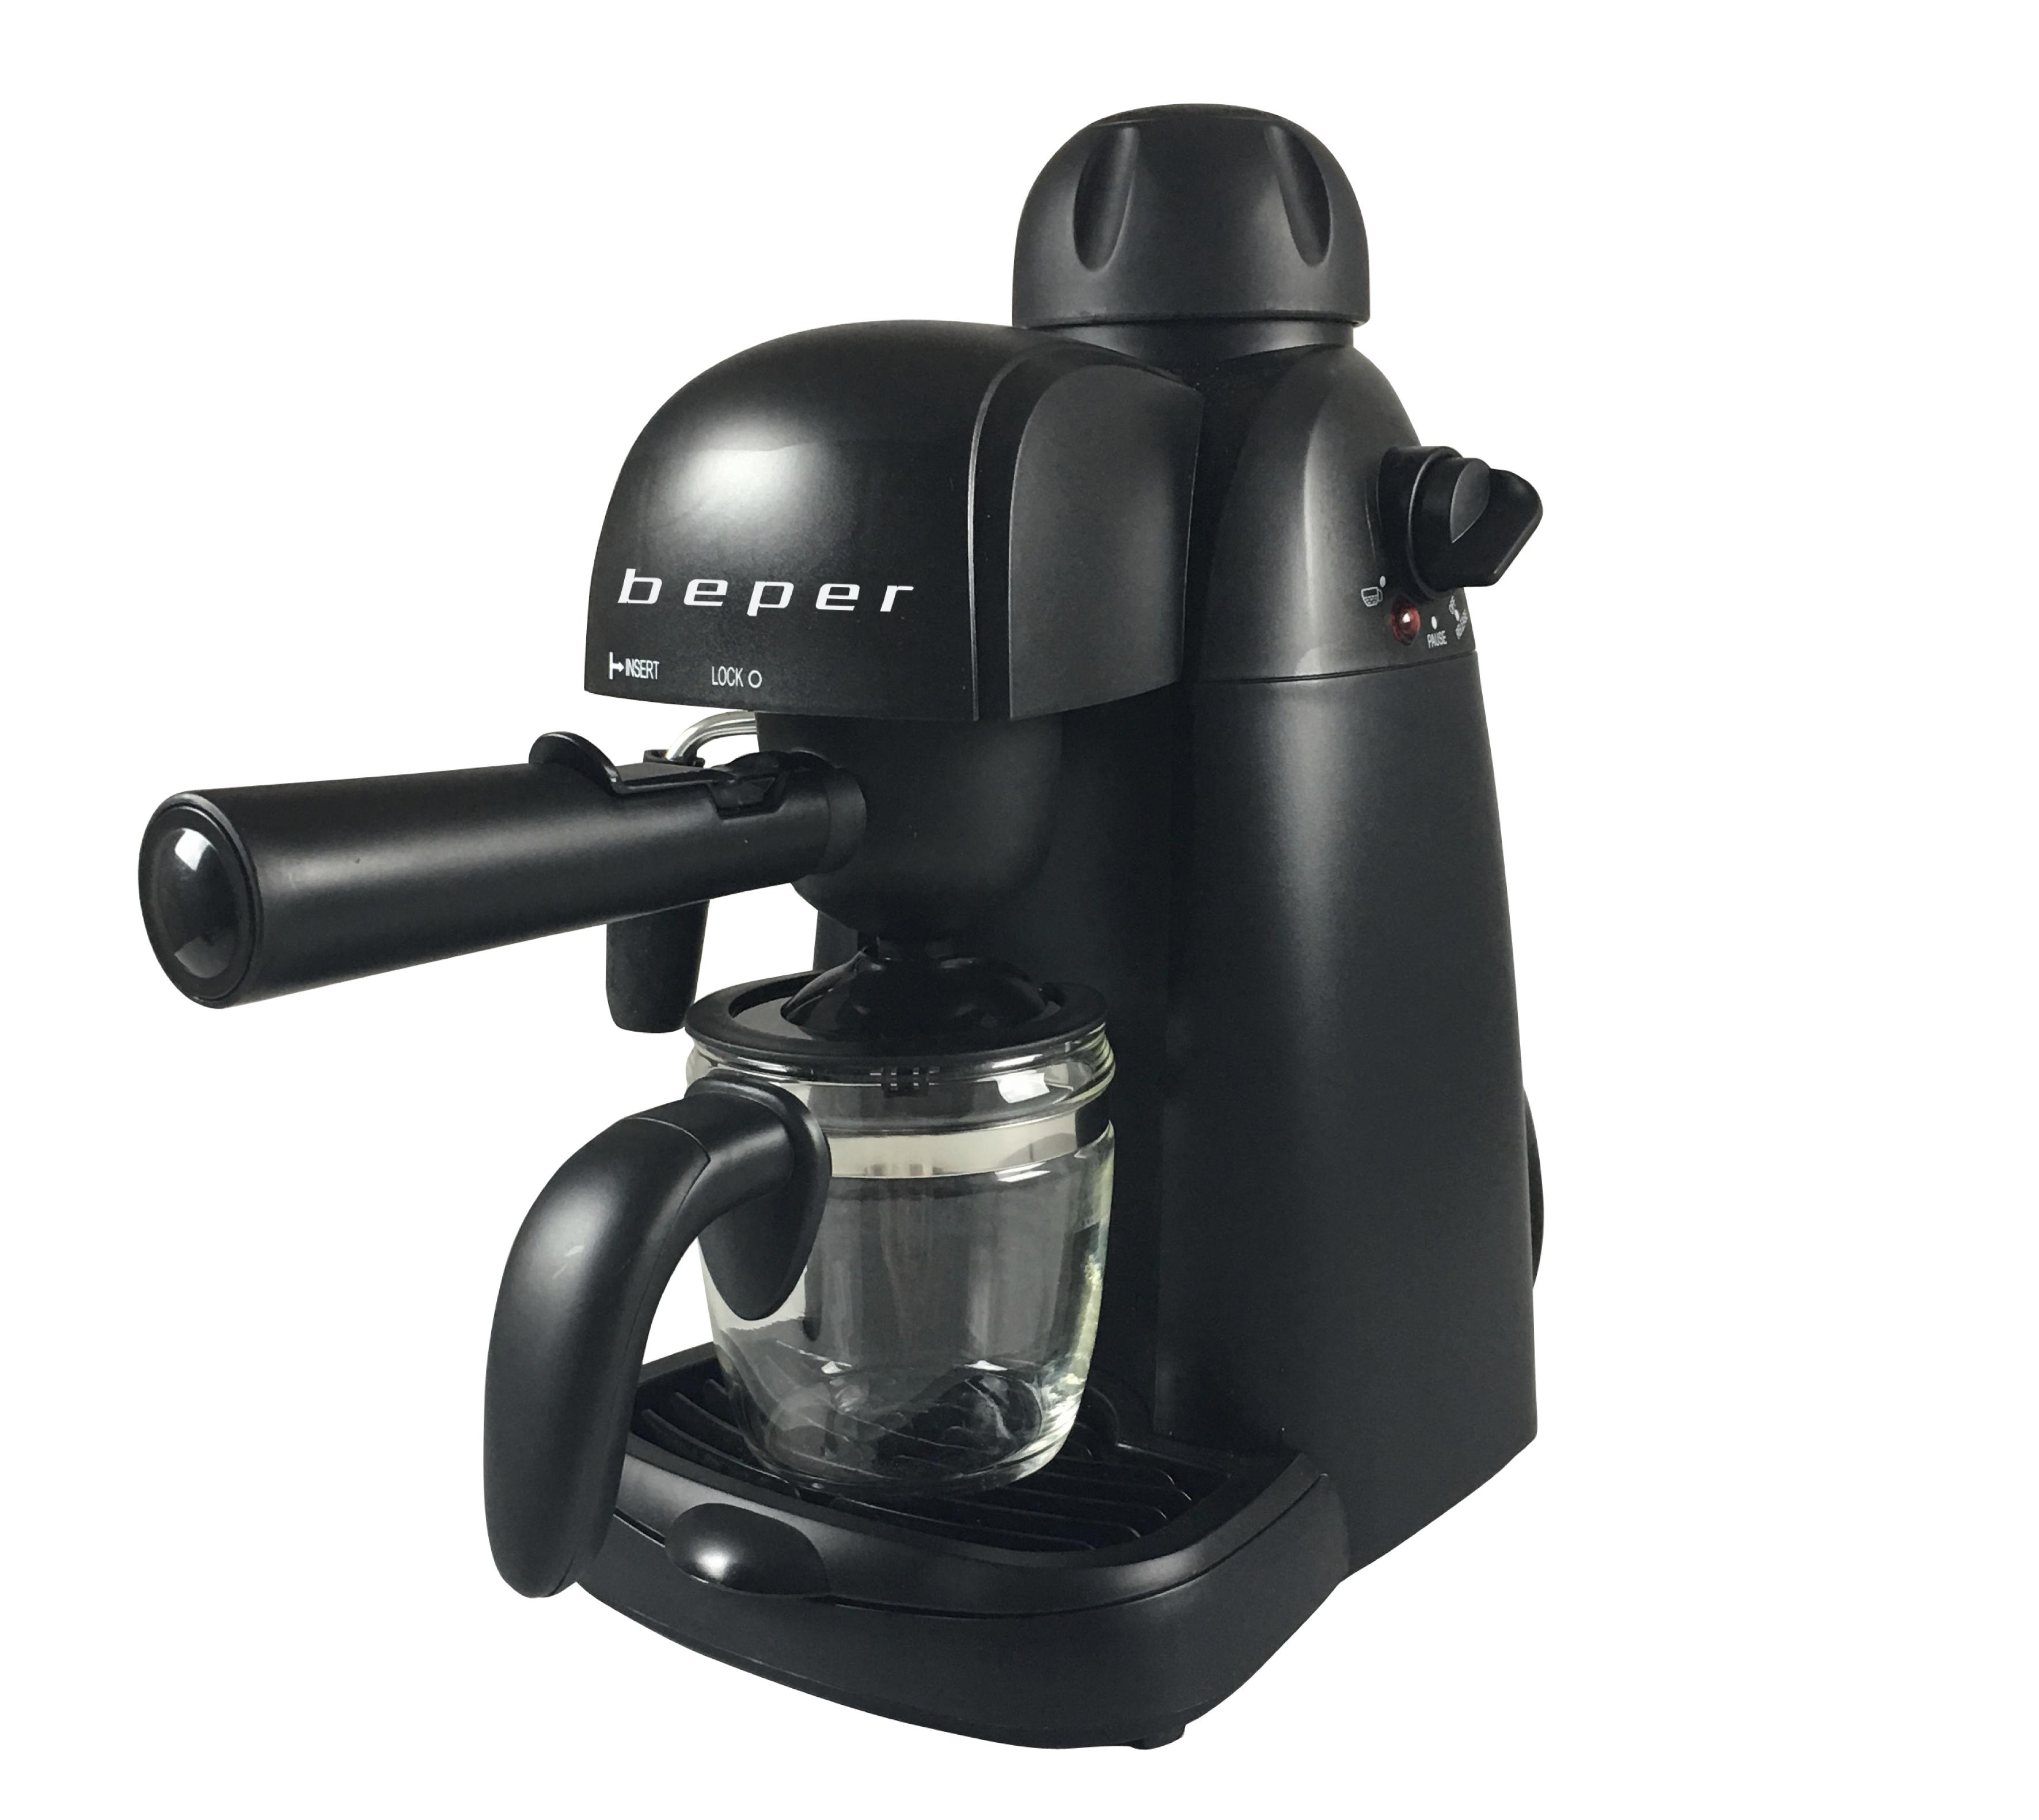 BEPER BC002 espresso kávovar 240ml, 3.5 bar, 800W